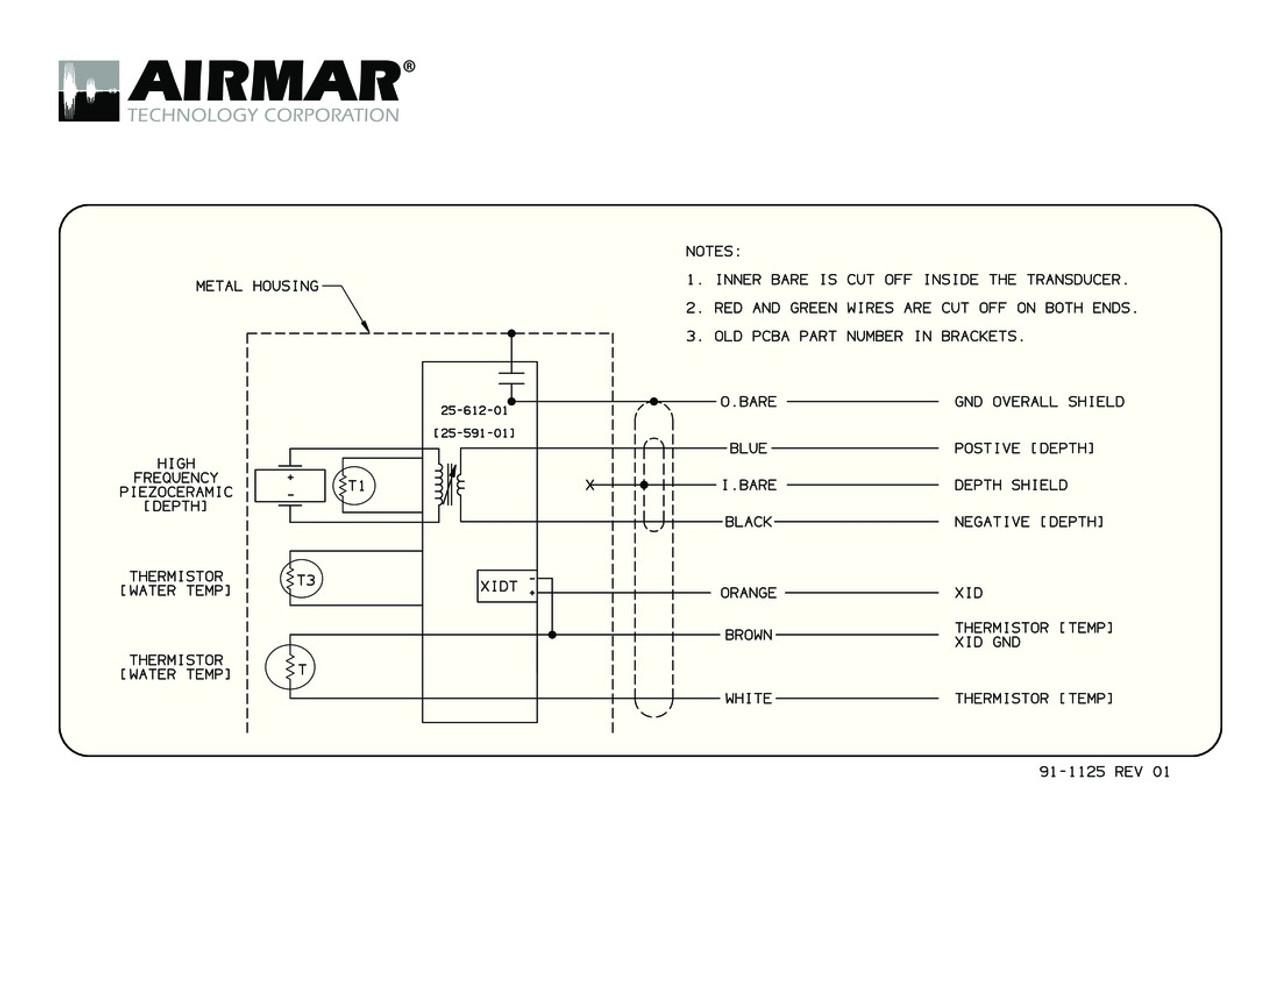 Garmin 740s Wiring Diagram. Depth Finder Wiring Diagram, Garmin 740s on